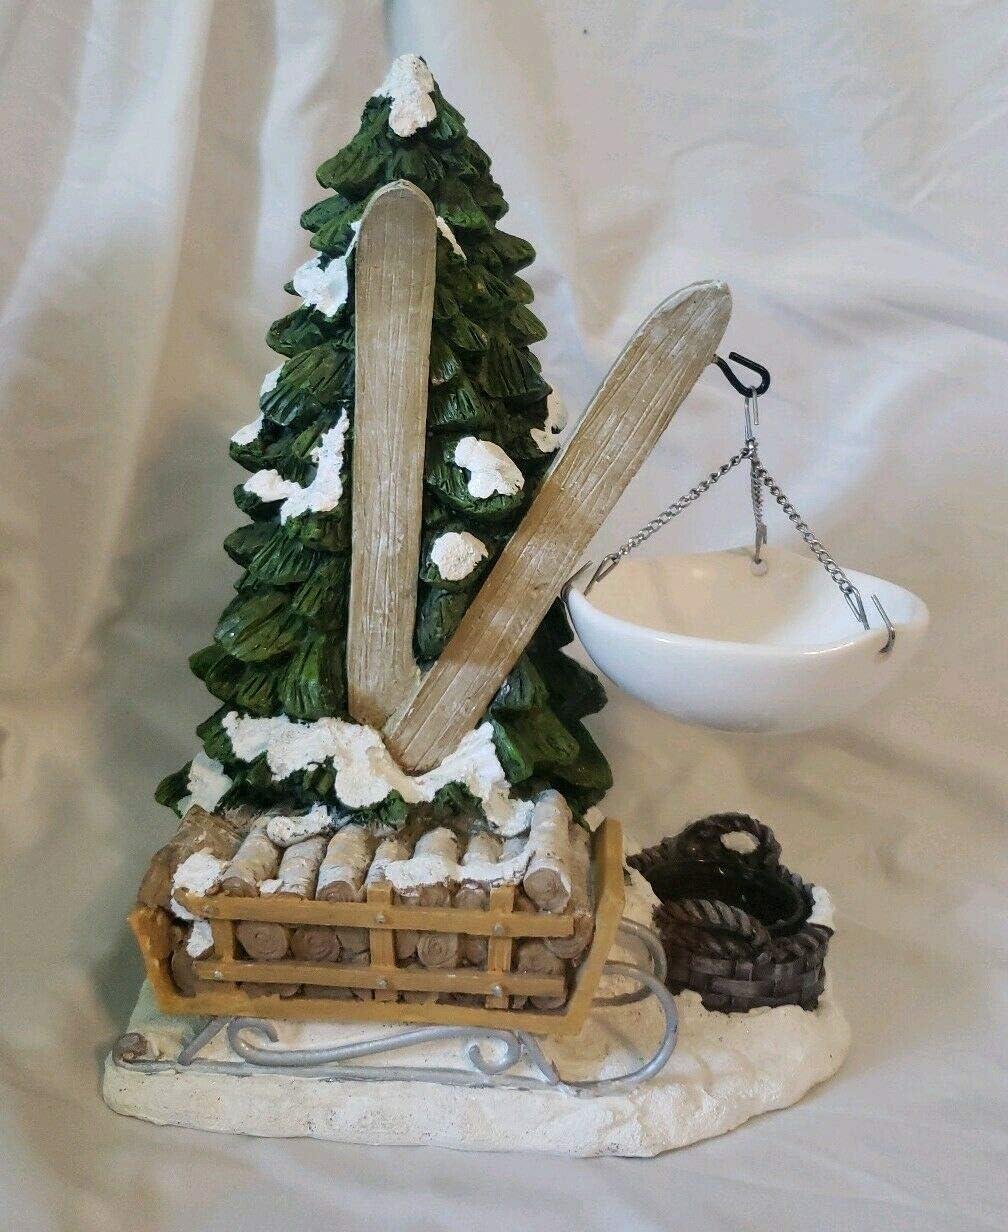 Yankee Candle Hanging Holiday Tree Tart Wax Burner/Warmer